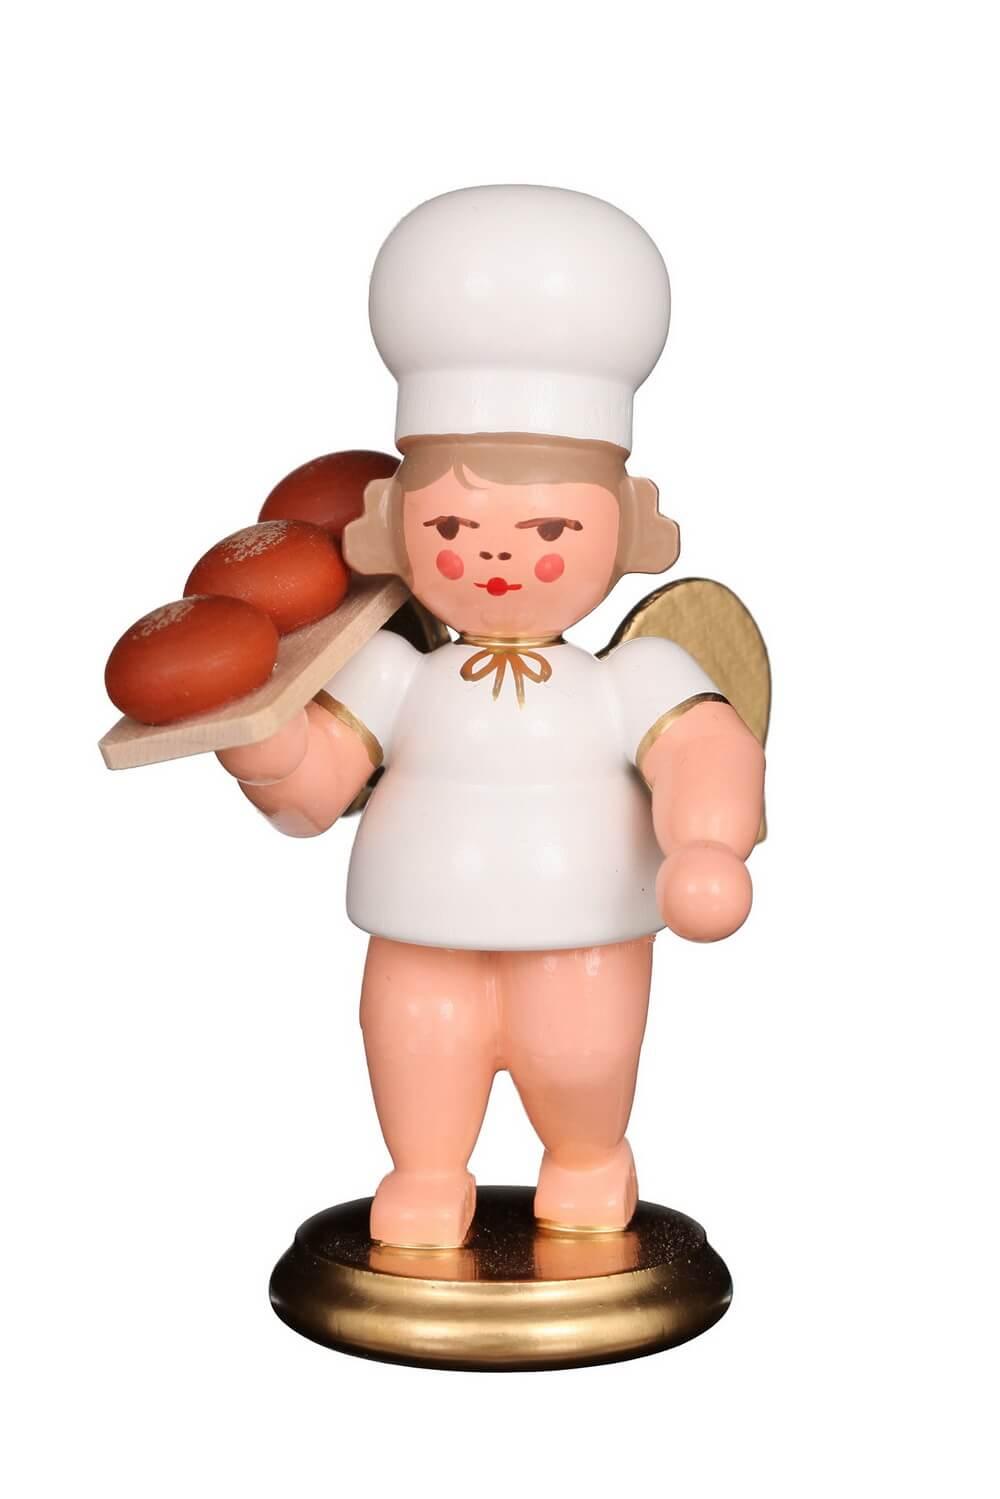 Weihnachtsengel - Bäckerengel mit Brotbrett, 8 cm, Christian Ulbricht GmbH & Co KG Seiffen/ Erzgebirge